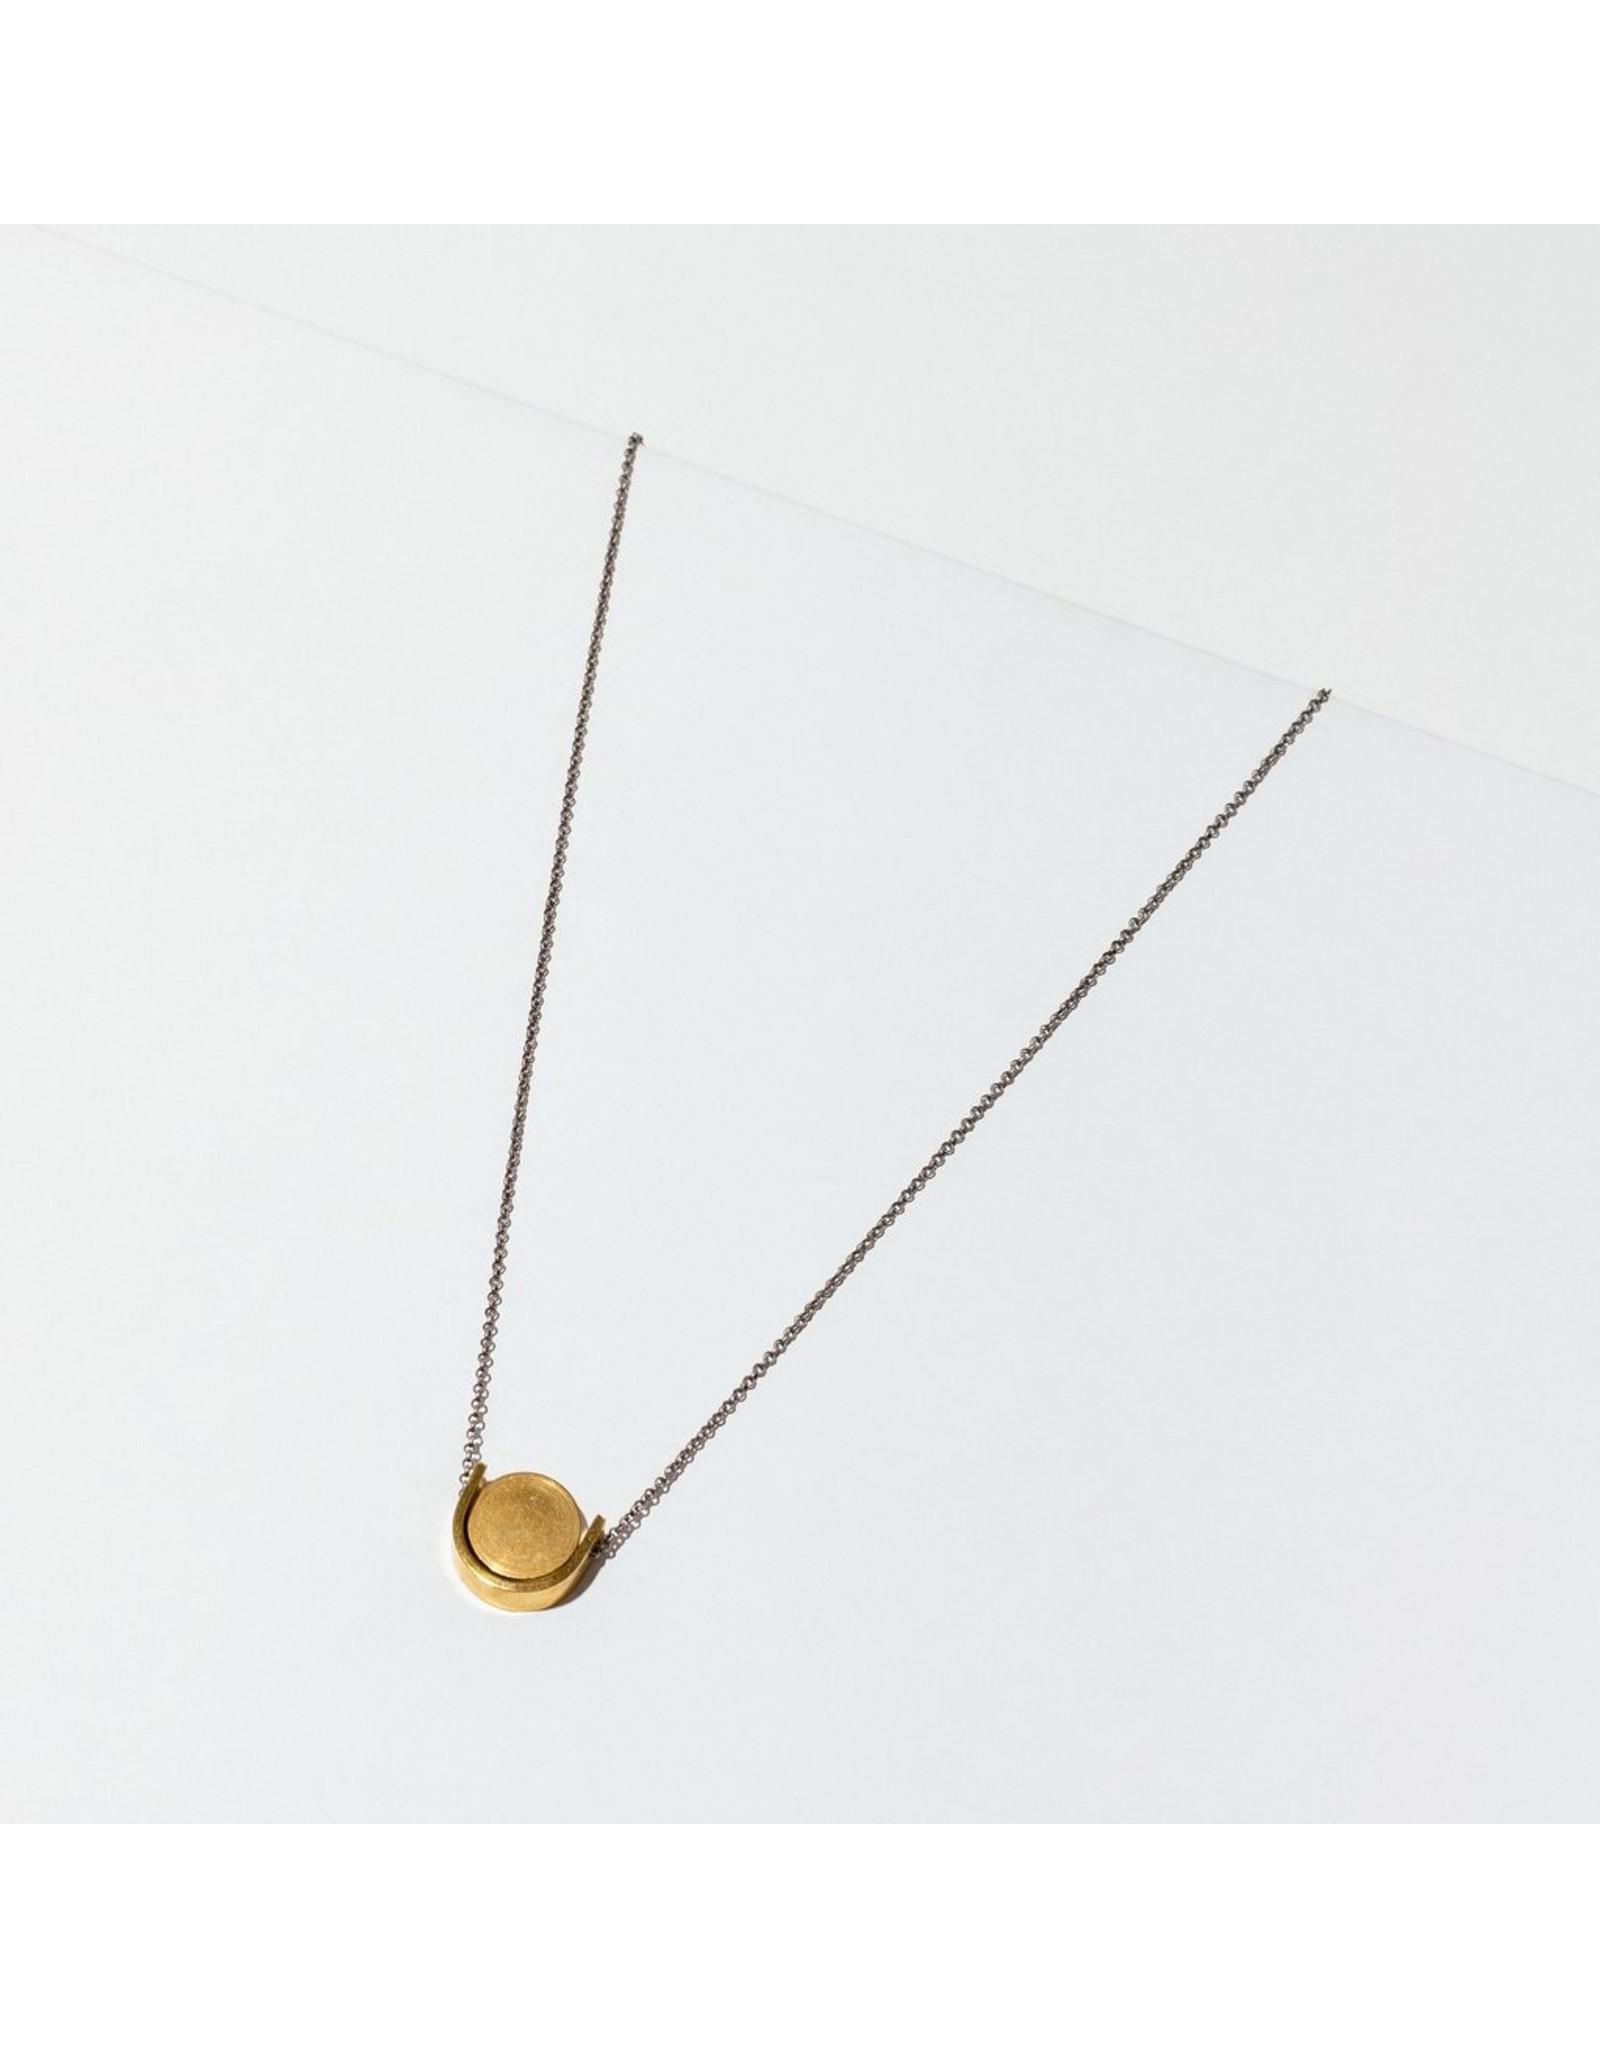 Larissa Loden Le Necklace